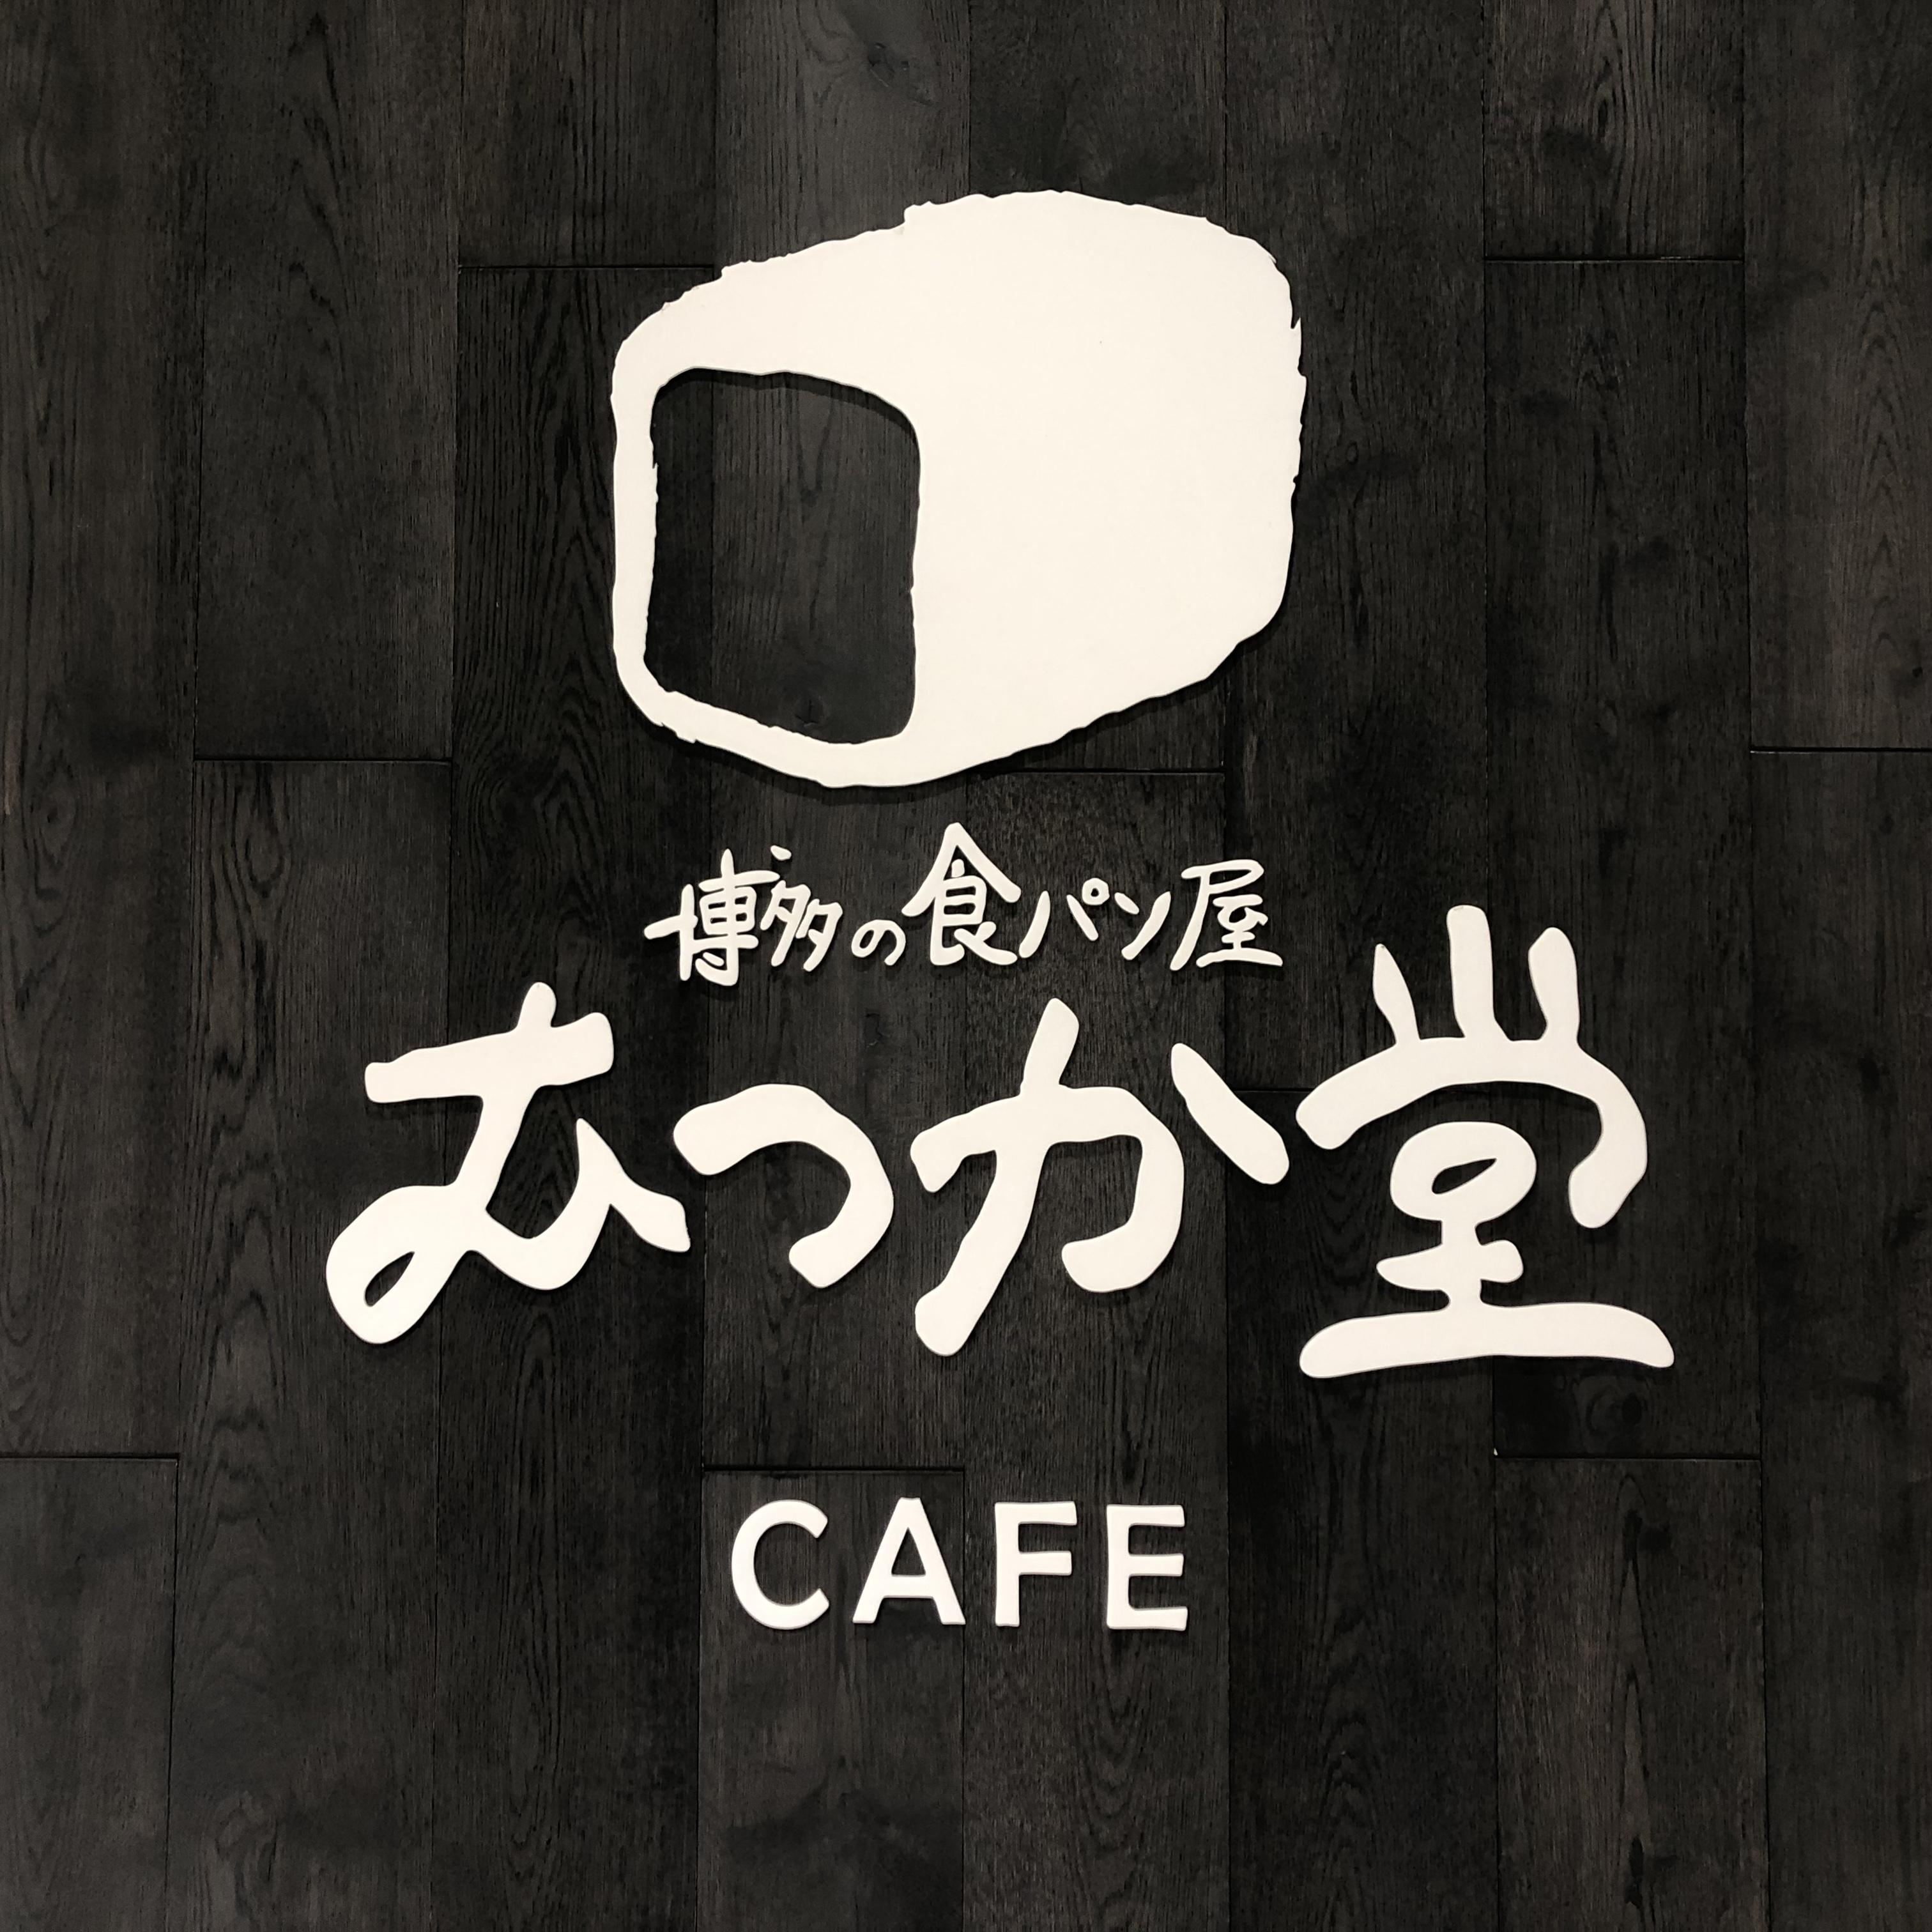 【福岡】萌え断サンドならここ!「むつか堂カフェ」で幸せな時間を♡_4